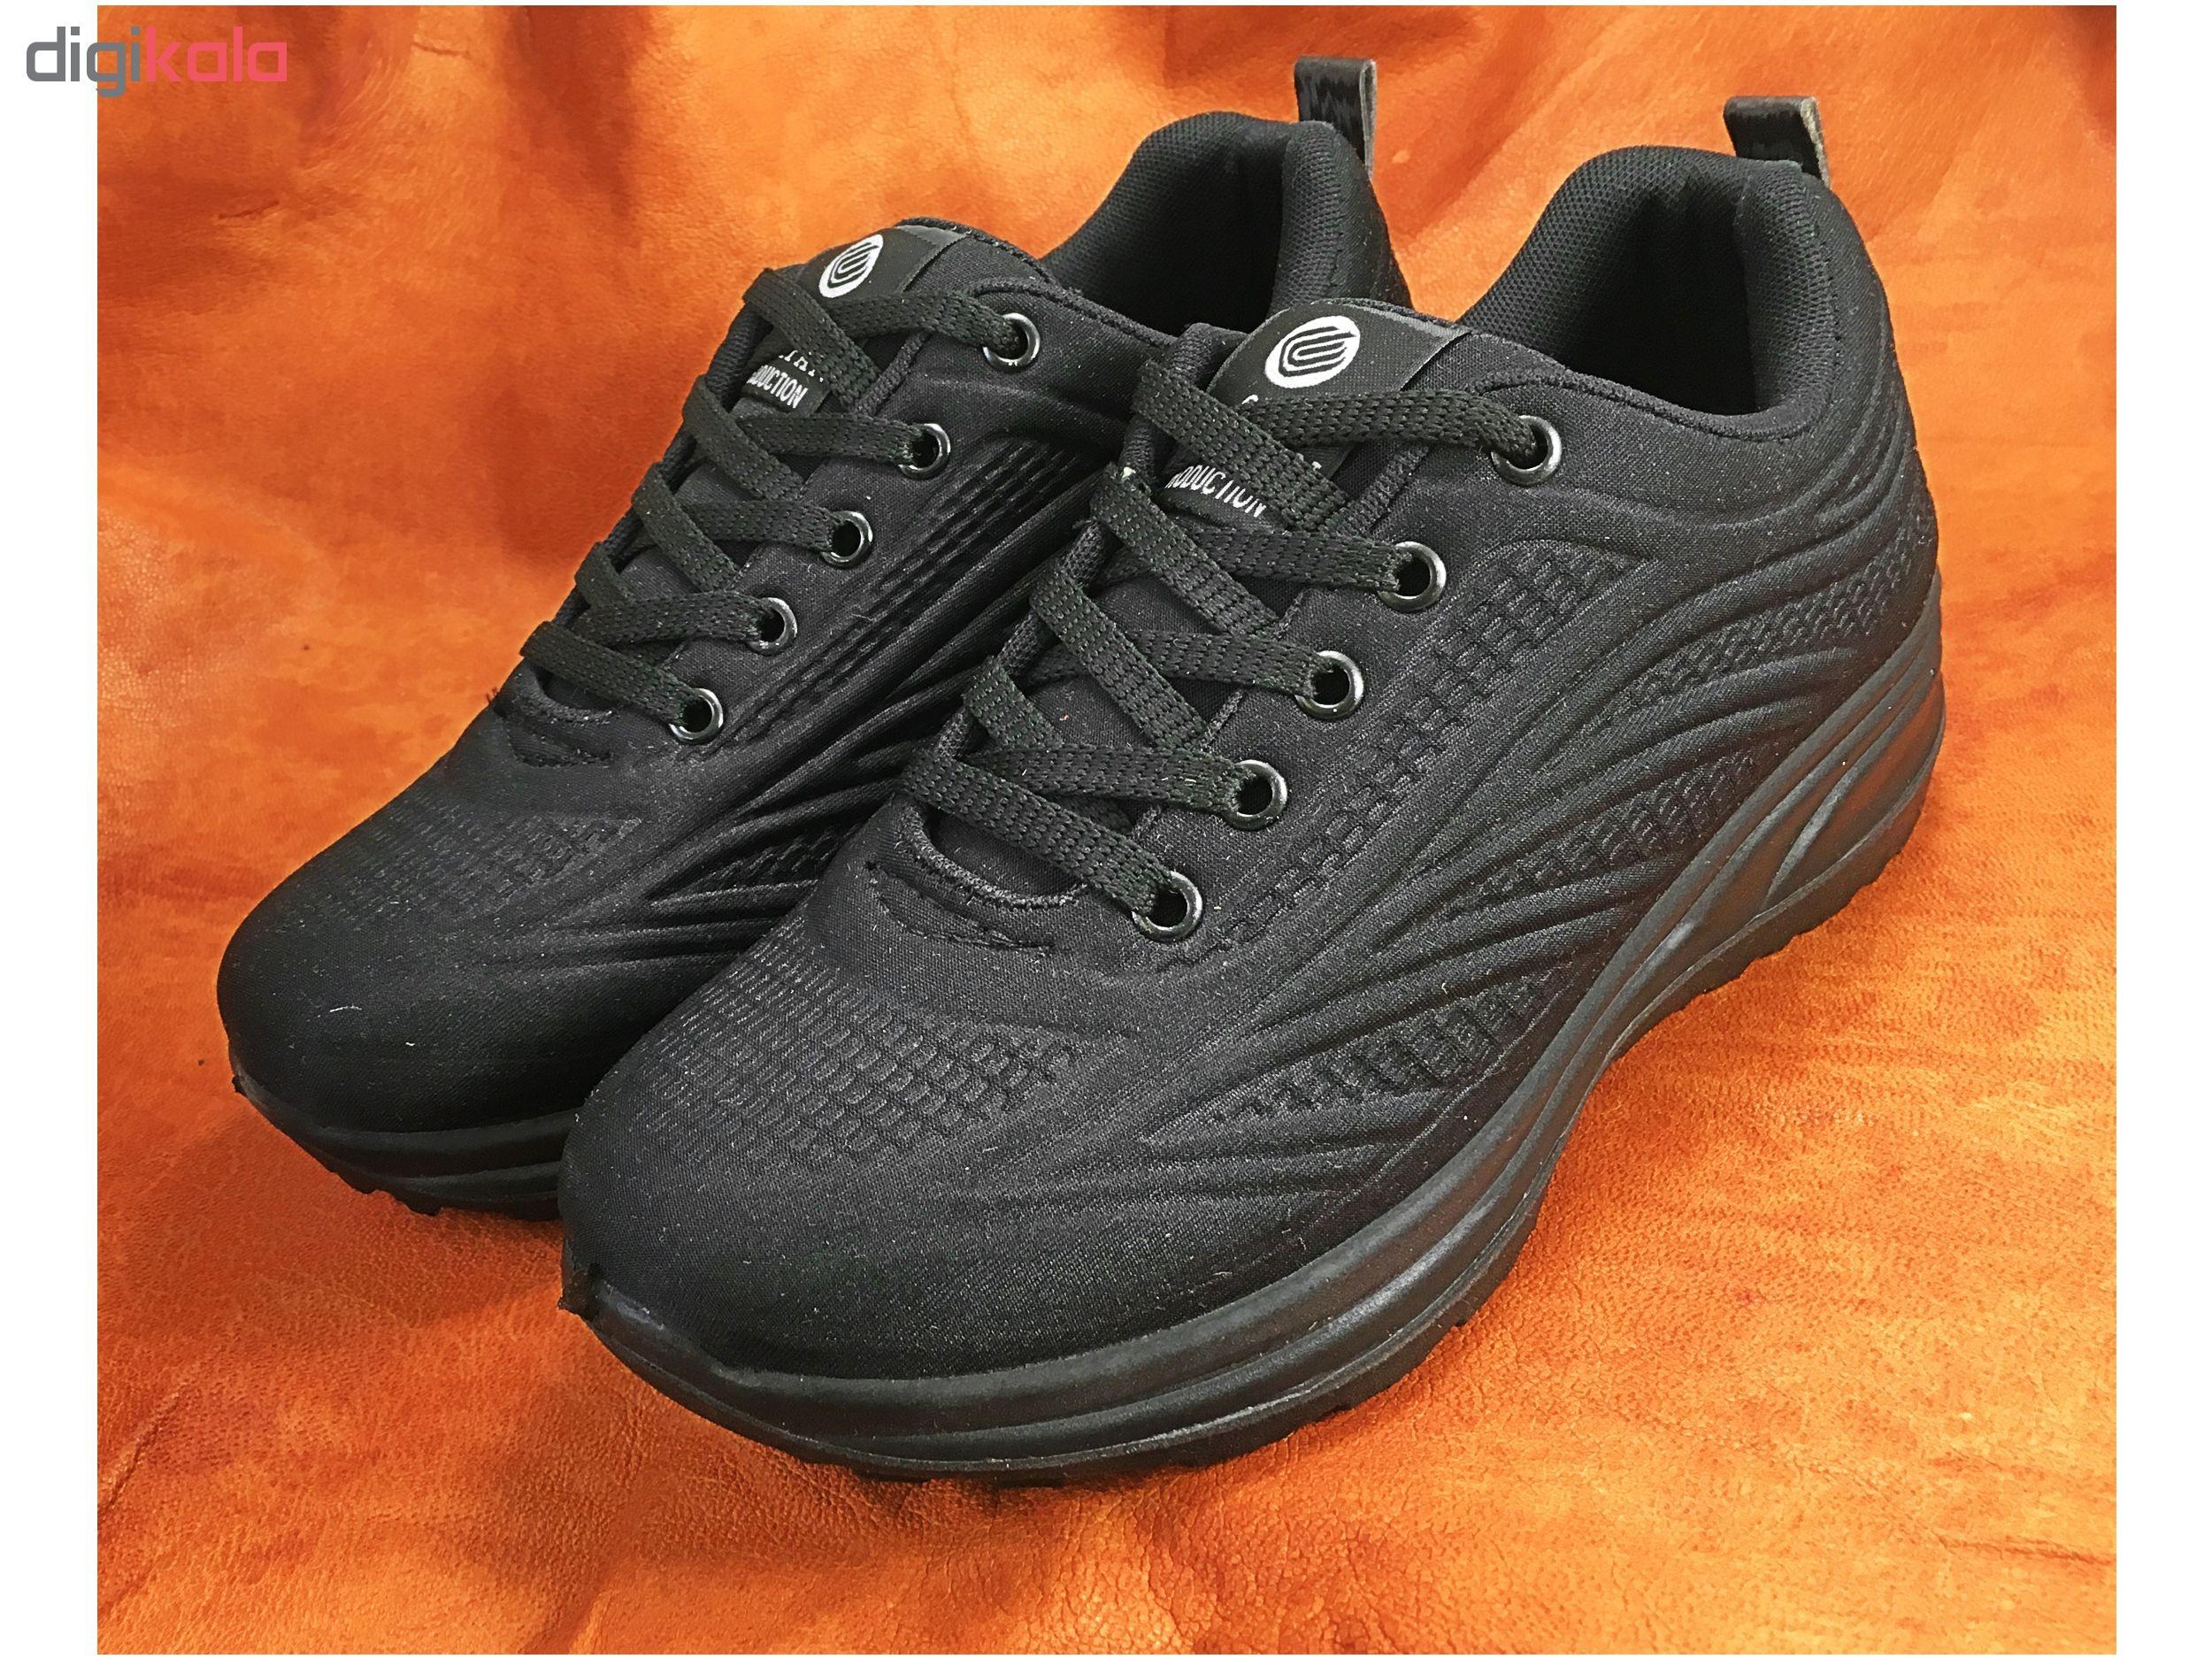 کفش مخصوص پیاده روی زنانه مدل چپان کد 3693 main 1 6